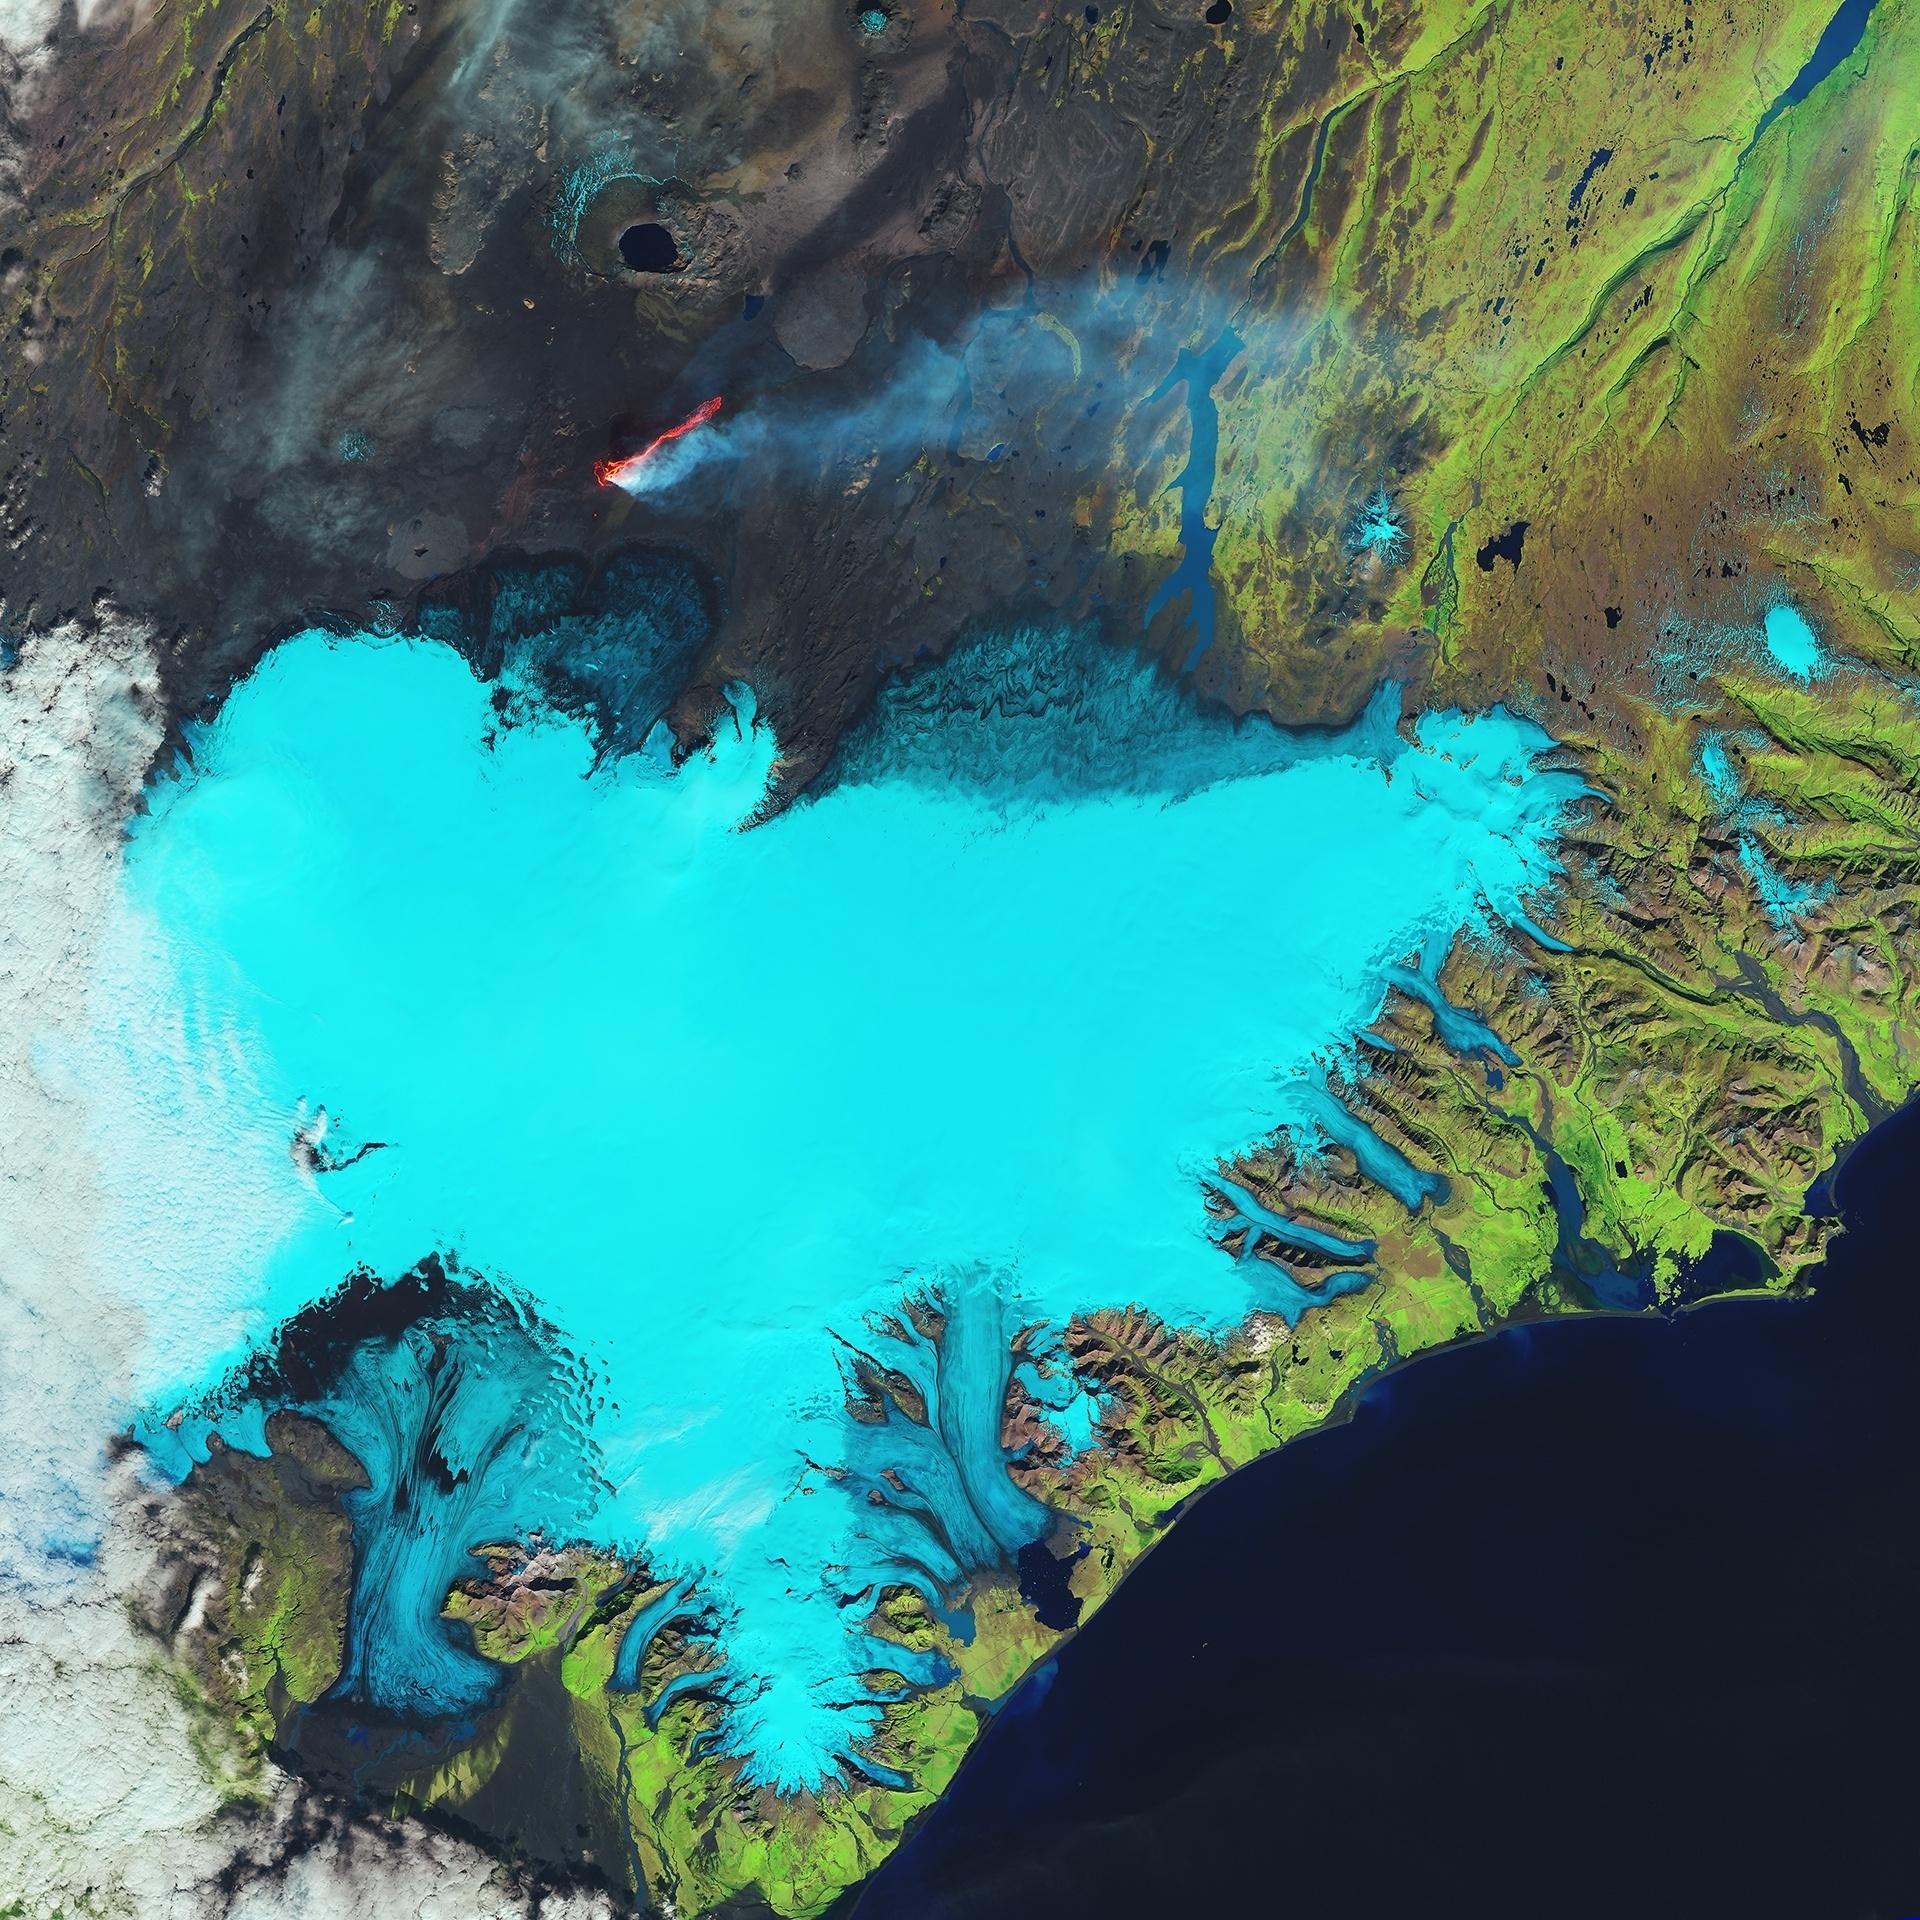 14.out.2016 - O satélite Landsat-8 fotografou a costa sudeste da Islândia e da geleira Vatnajokull no dia 6 de setembro de 2014. A ESA (Agência Espacial Europeia) divulgou a imagem este mês e afirmou que as cores foram alteradas para realçar a foto. As geleiras cobrem 11% da paisagem da Islândia e a Vatnajokull é a maior delas, com espessura de até um quilômetro